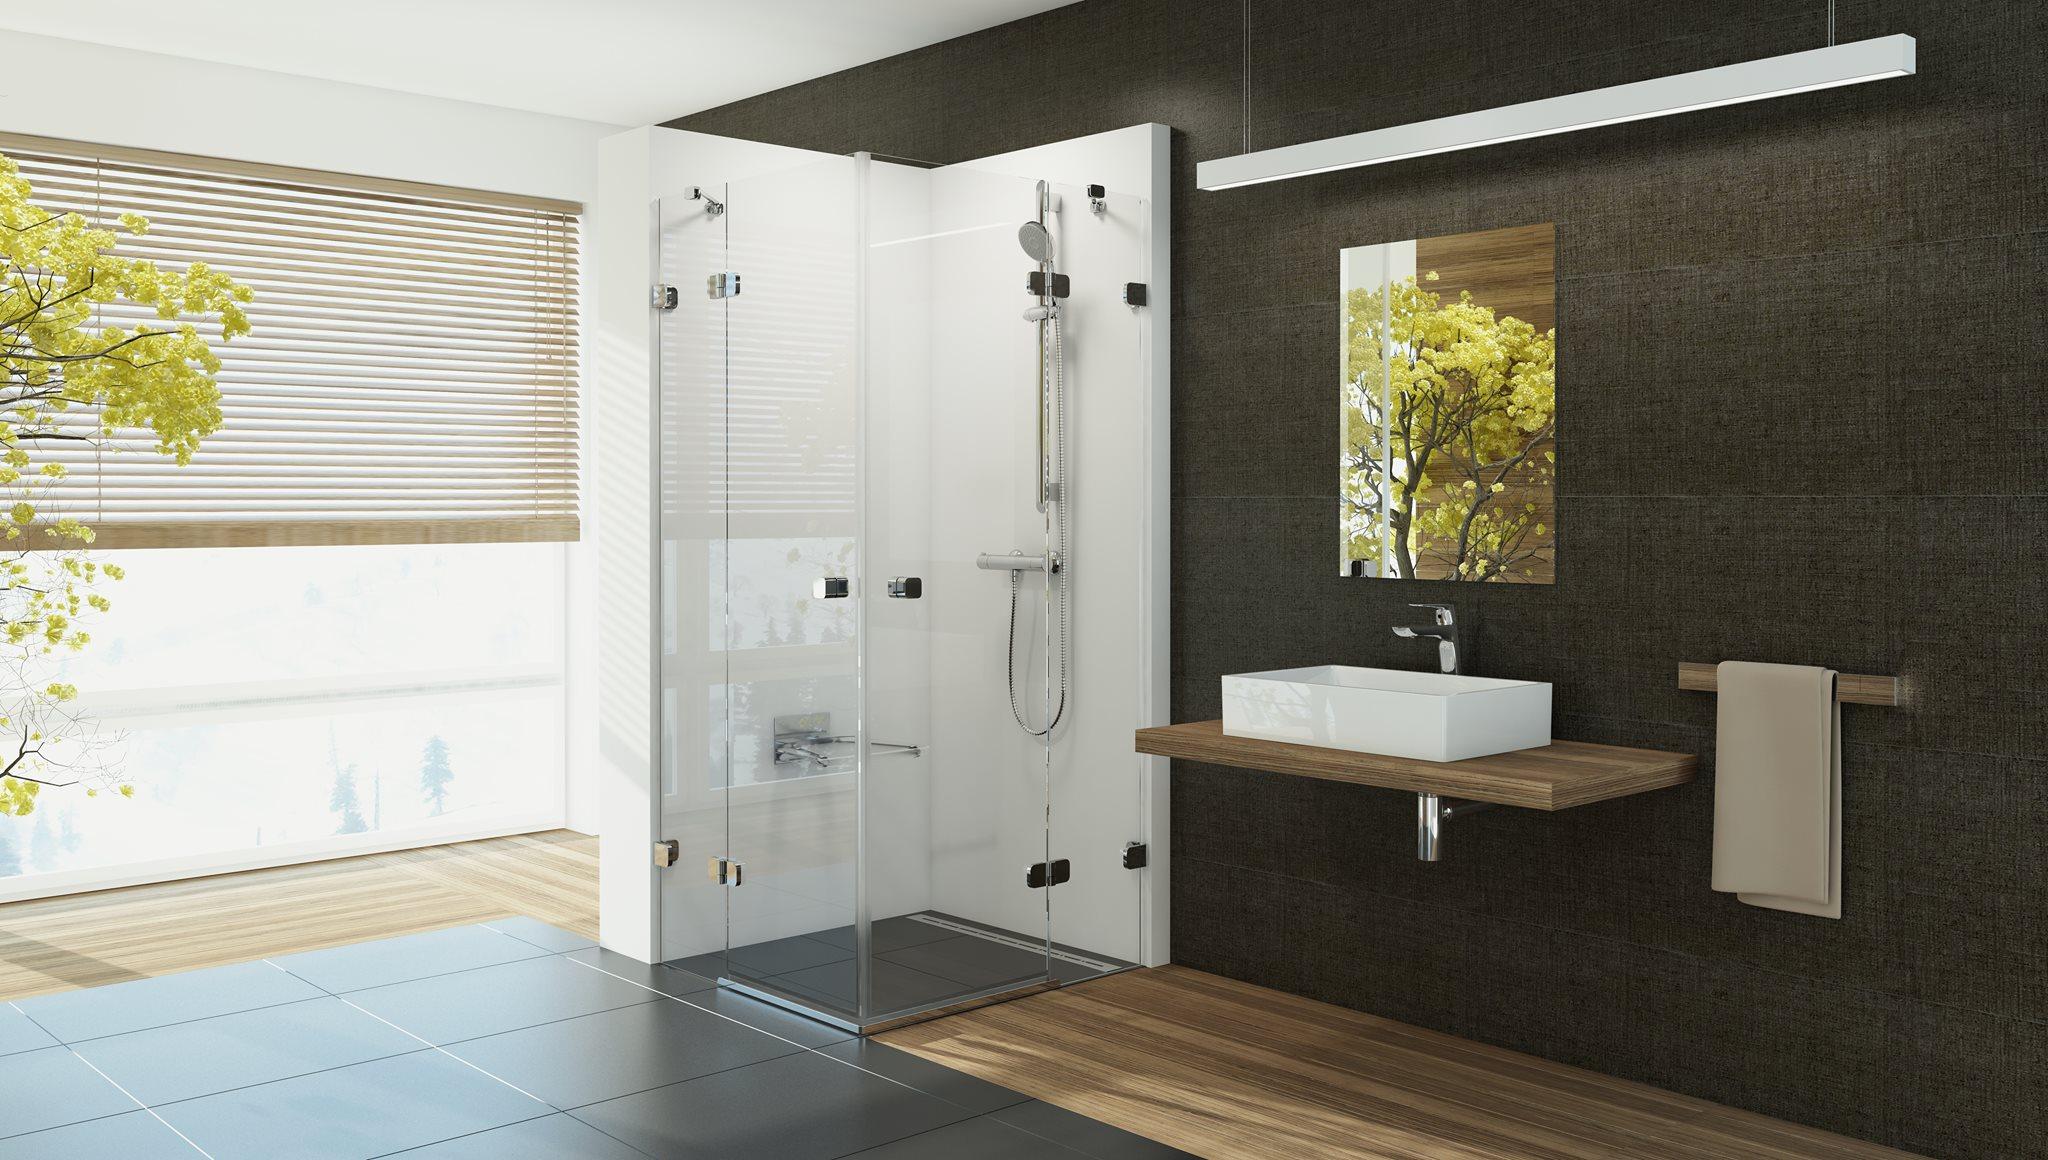 Az edzett biztonsági üvegekből, zsanérokkal vagy fali profillal, pántokkal erősített zuhanyzó optikailag tágasabbá, megjelenésében letisztulttá varázsolja a fürdőszobát.